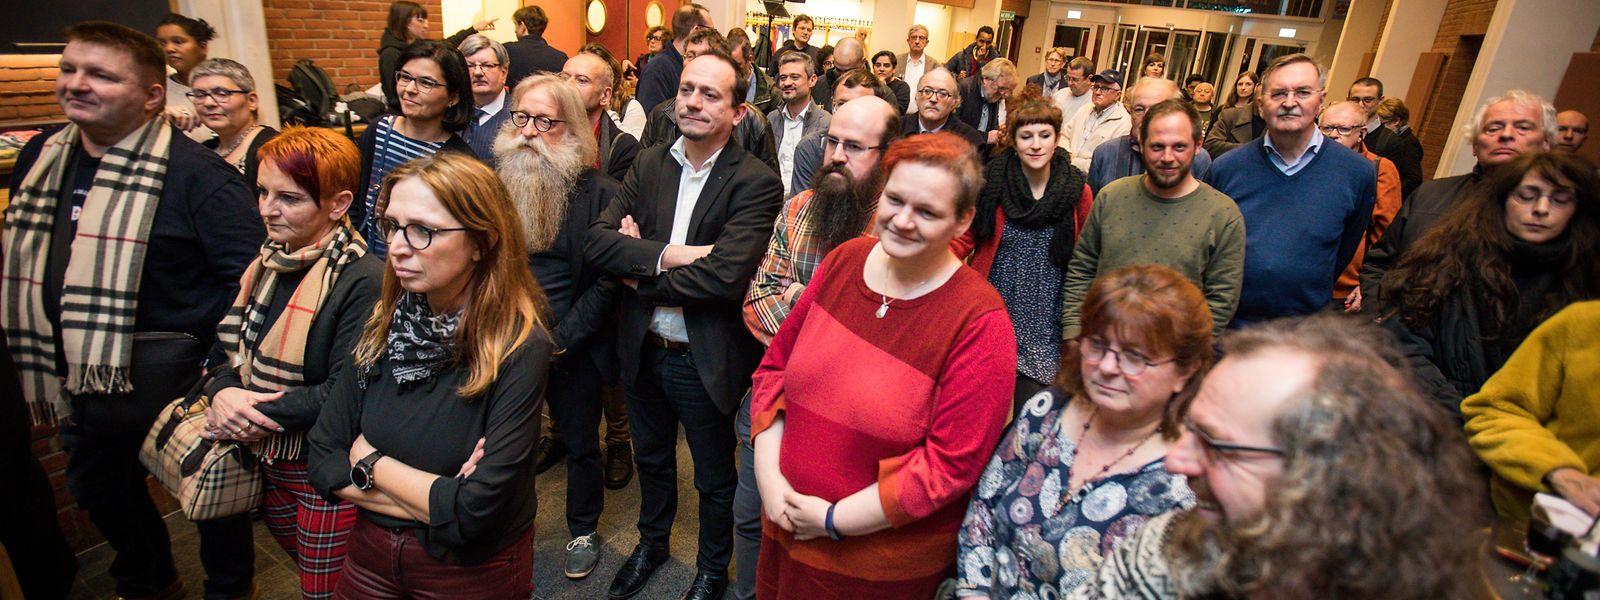 Déi Lénk hatten zum Neujahrsempfang ins Bonneweger Kulturzentrum eingeladen.